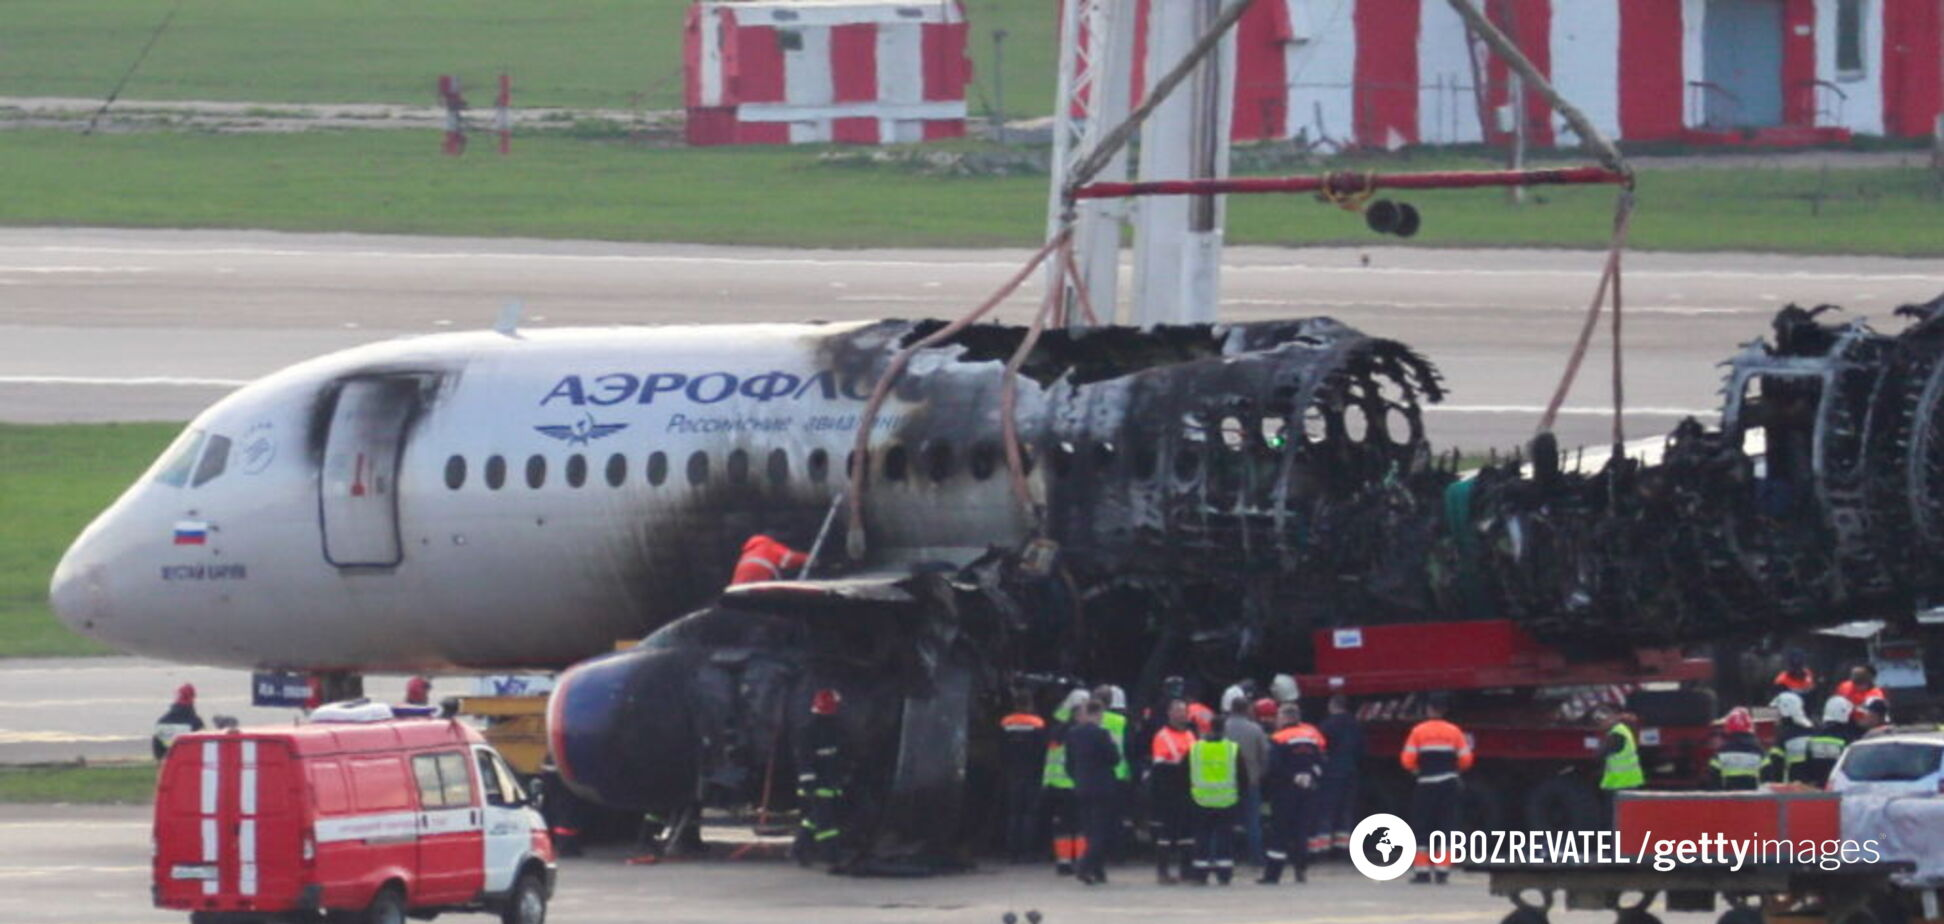 'Прижимали' самолет к земле: названа настоящая причина катастрофы в 'Шереметьево'